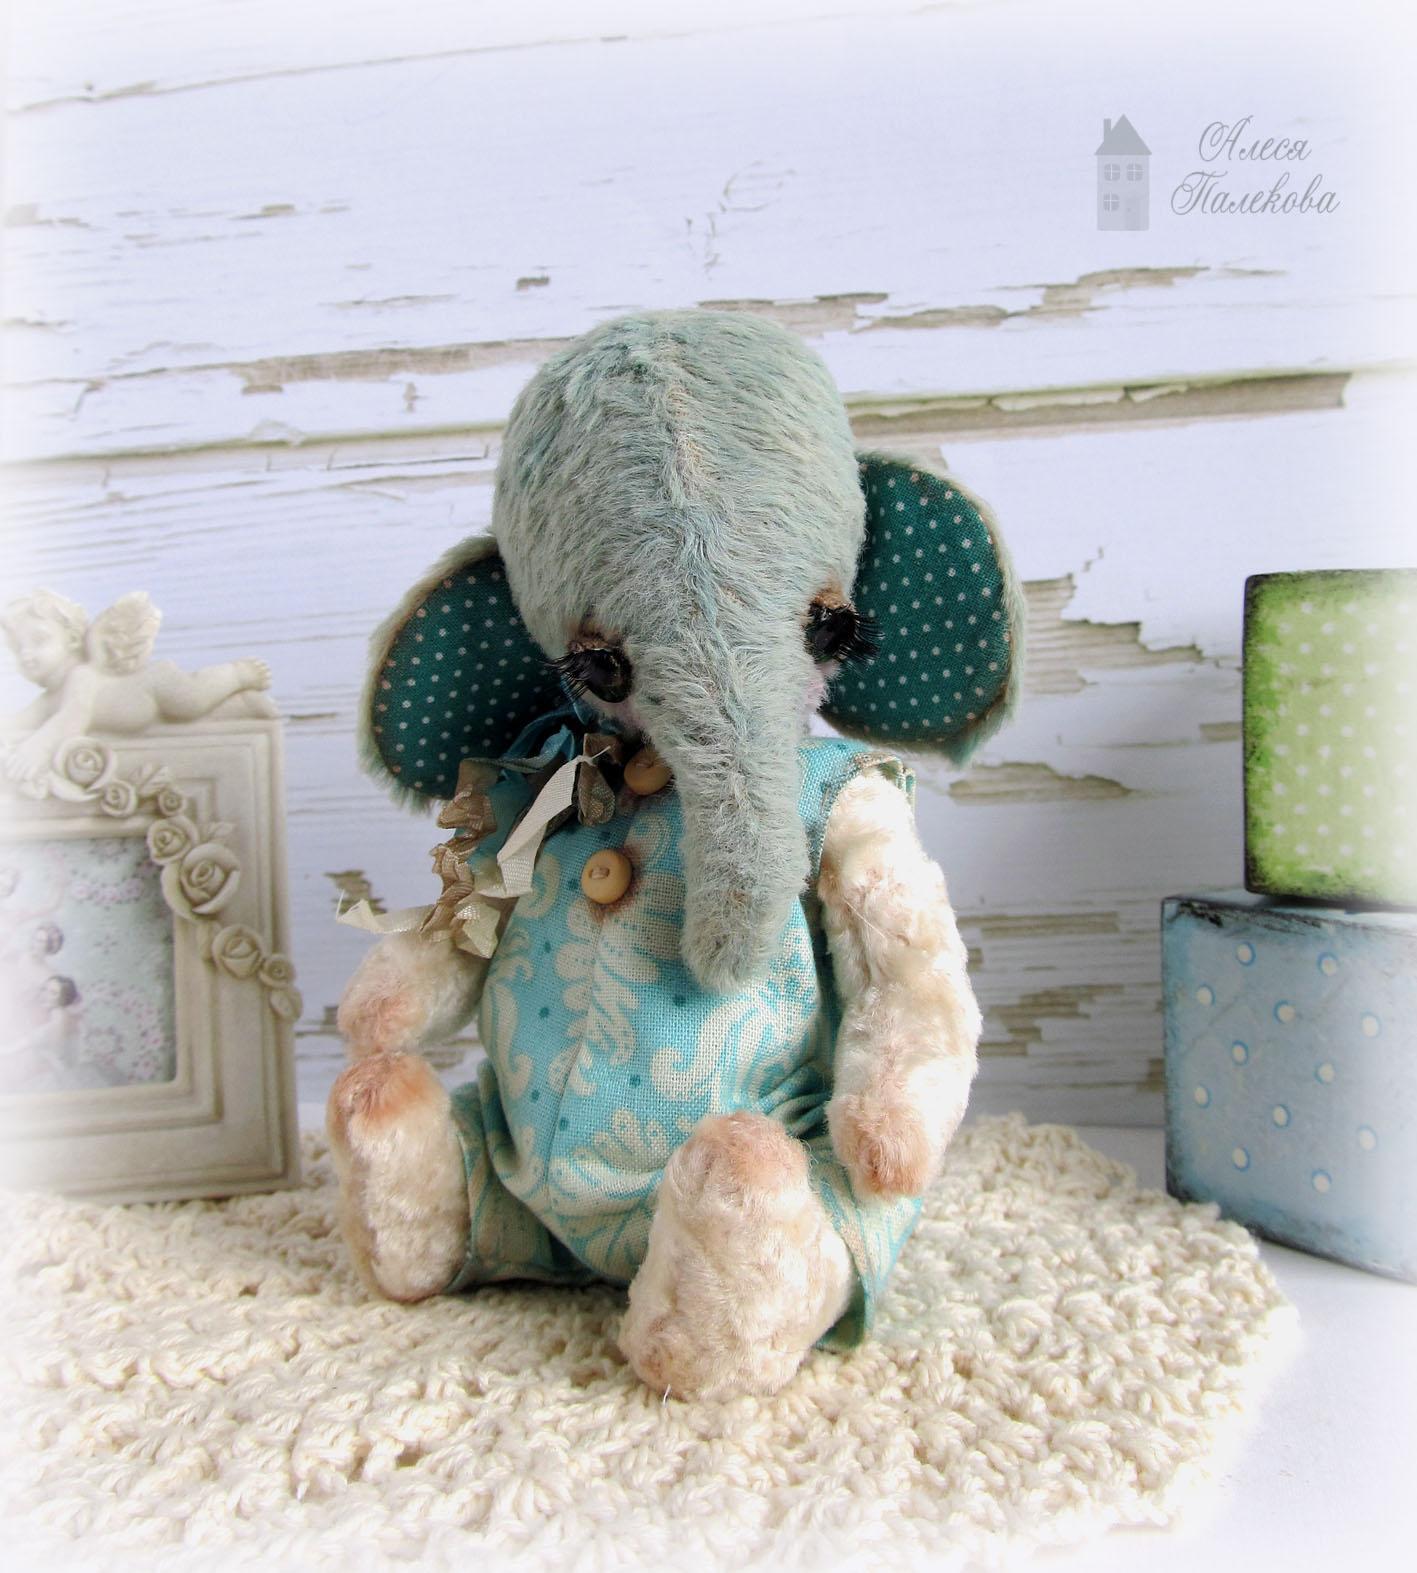 слон, слоник, тедди, мишки Тедди, вискоза, винтажный плюш, грустный слон